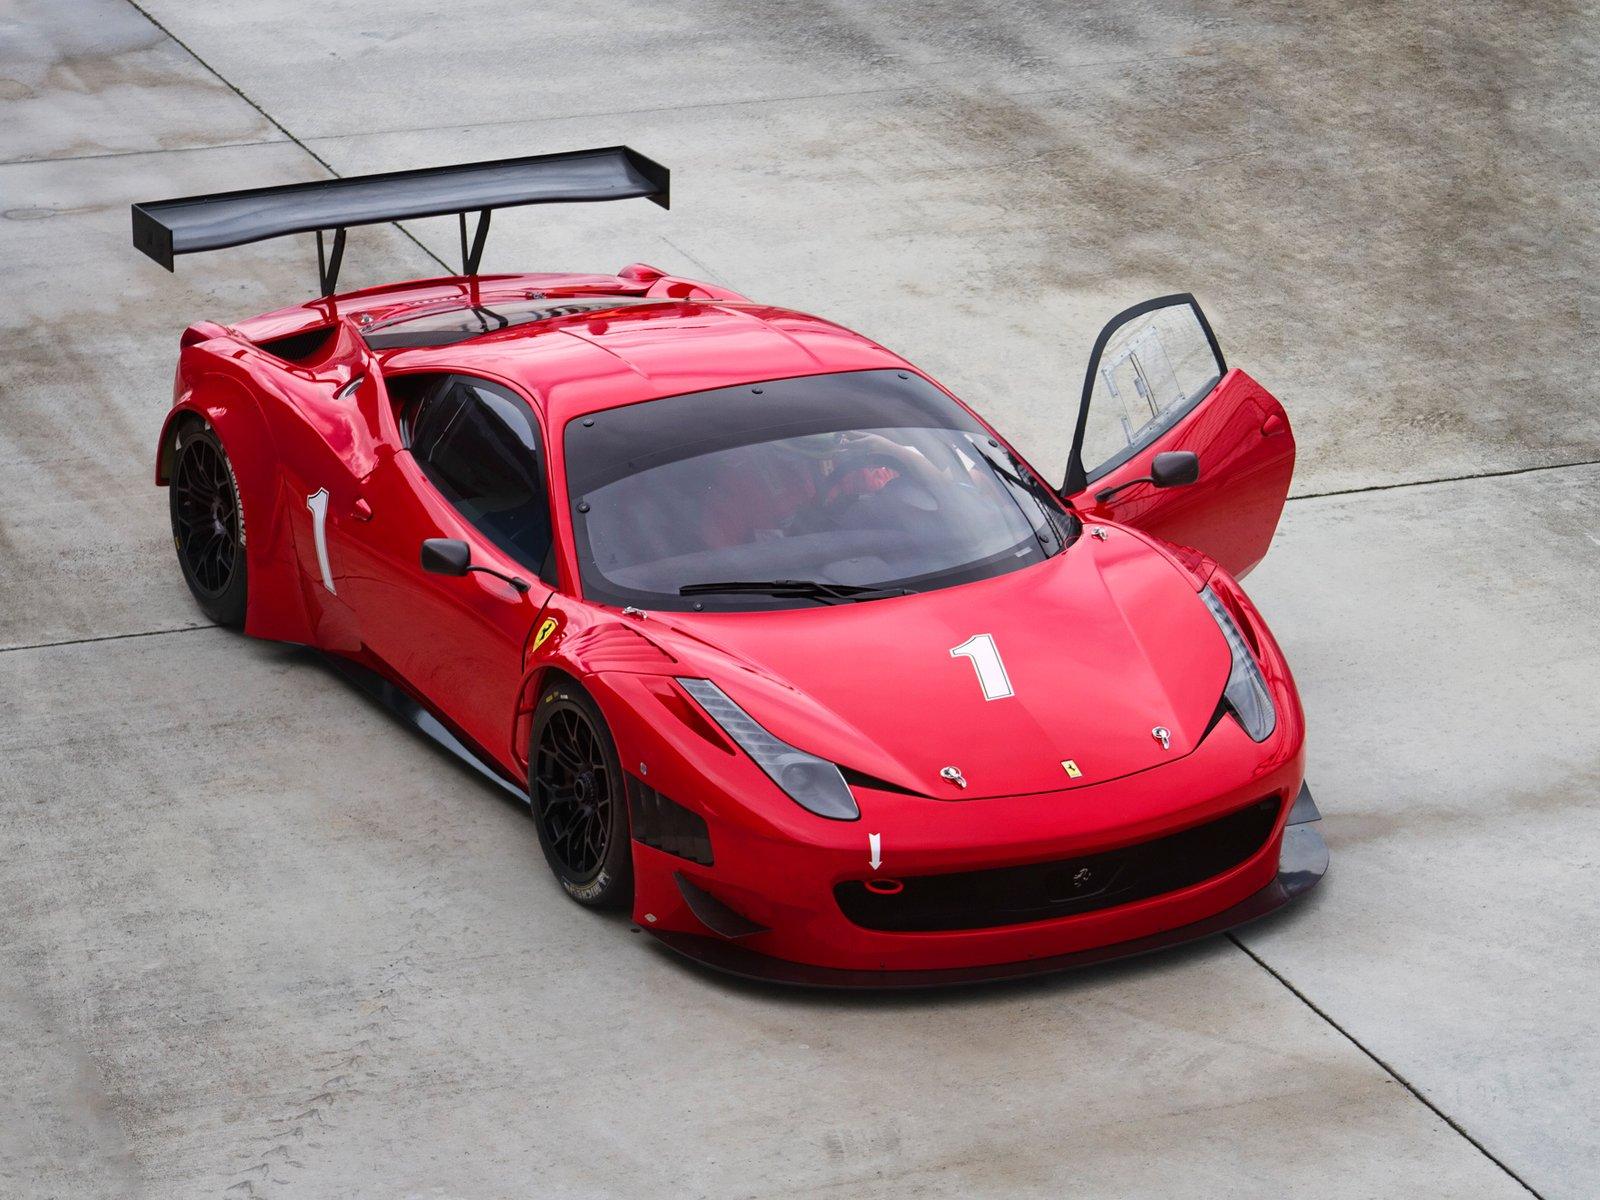 2011 ferrari 458 italia gt3 race racing supercar f wallpaper 1600x1200 287511 wallpaperup. Black Bedroom Furniture Sets. Home Design Ideas